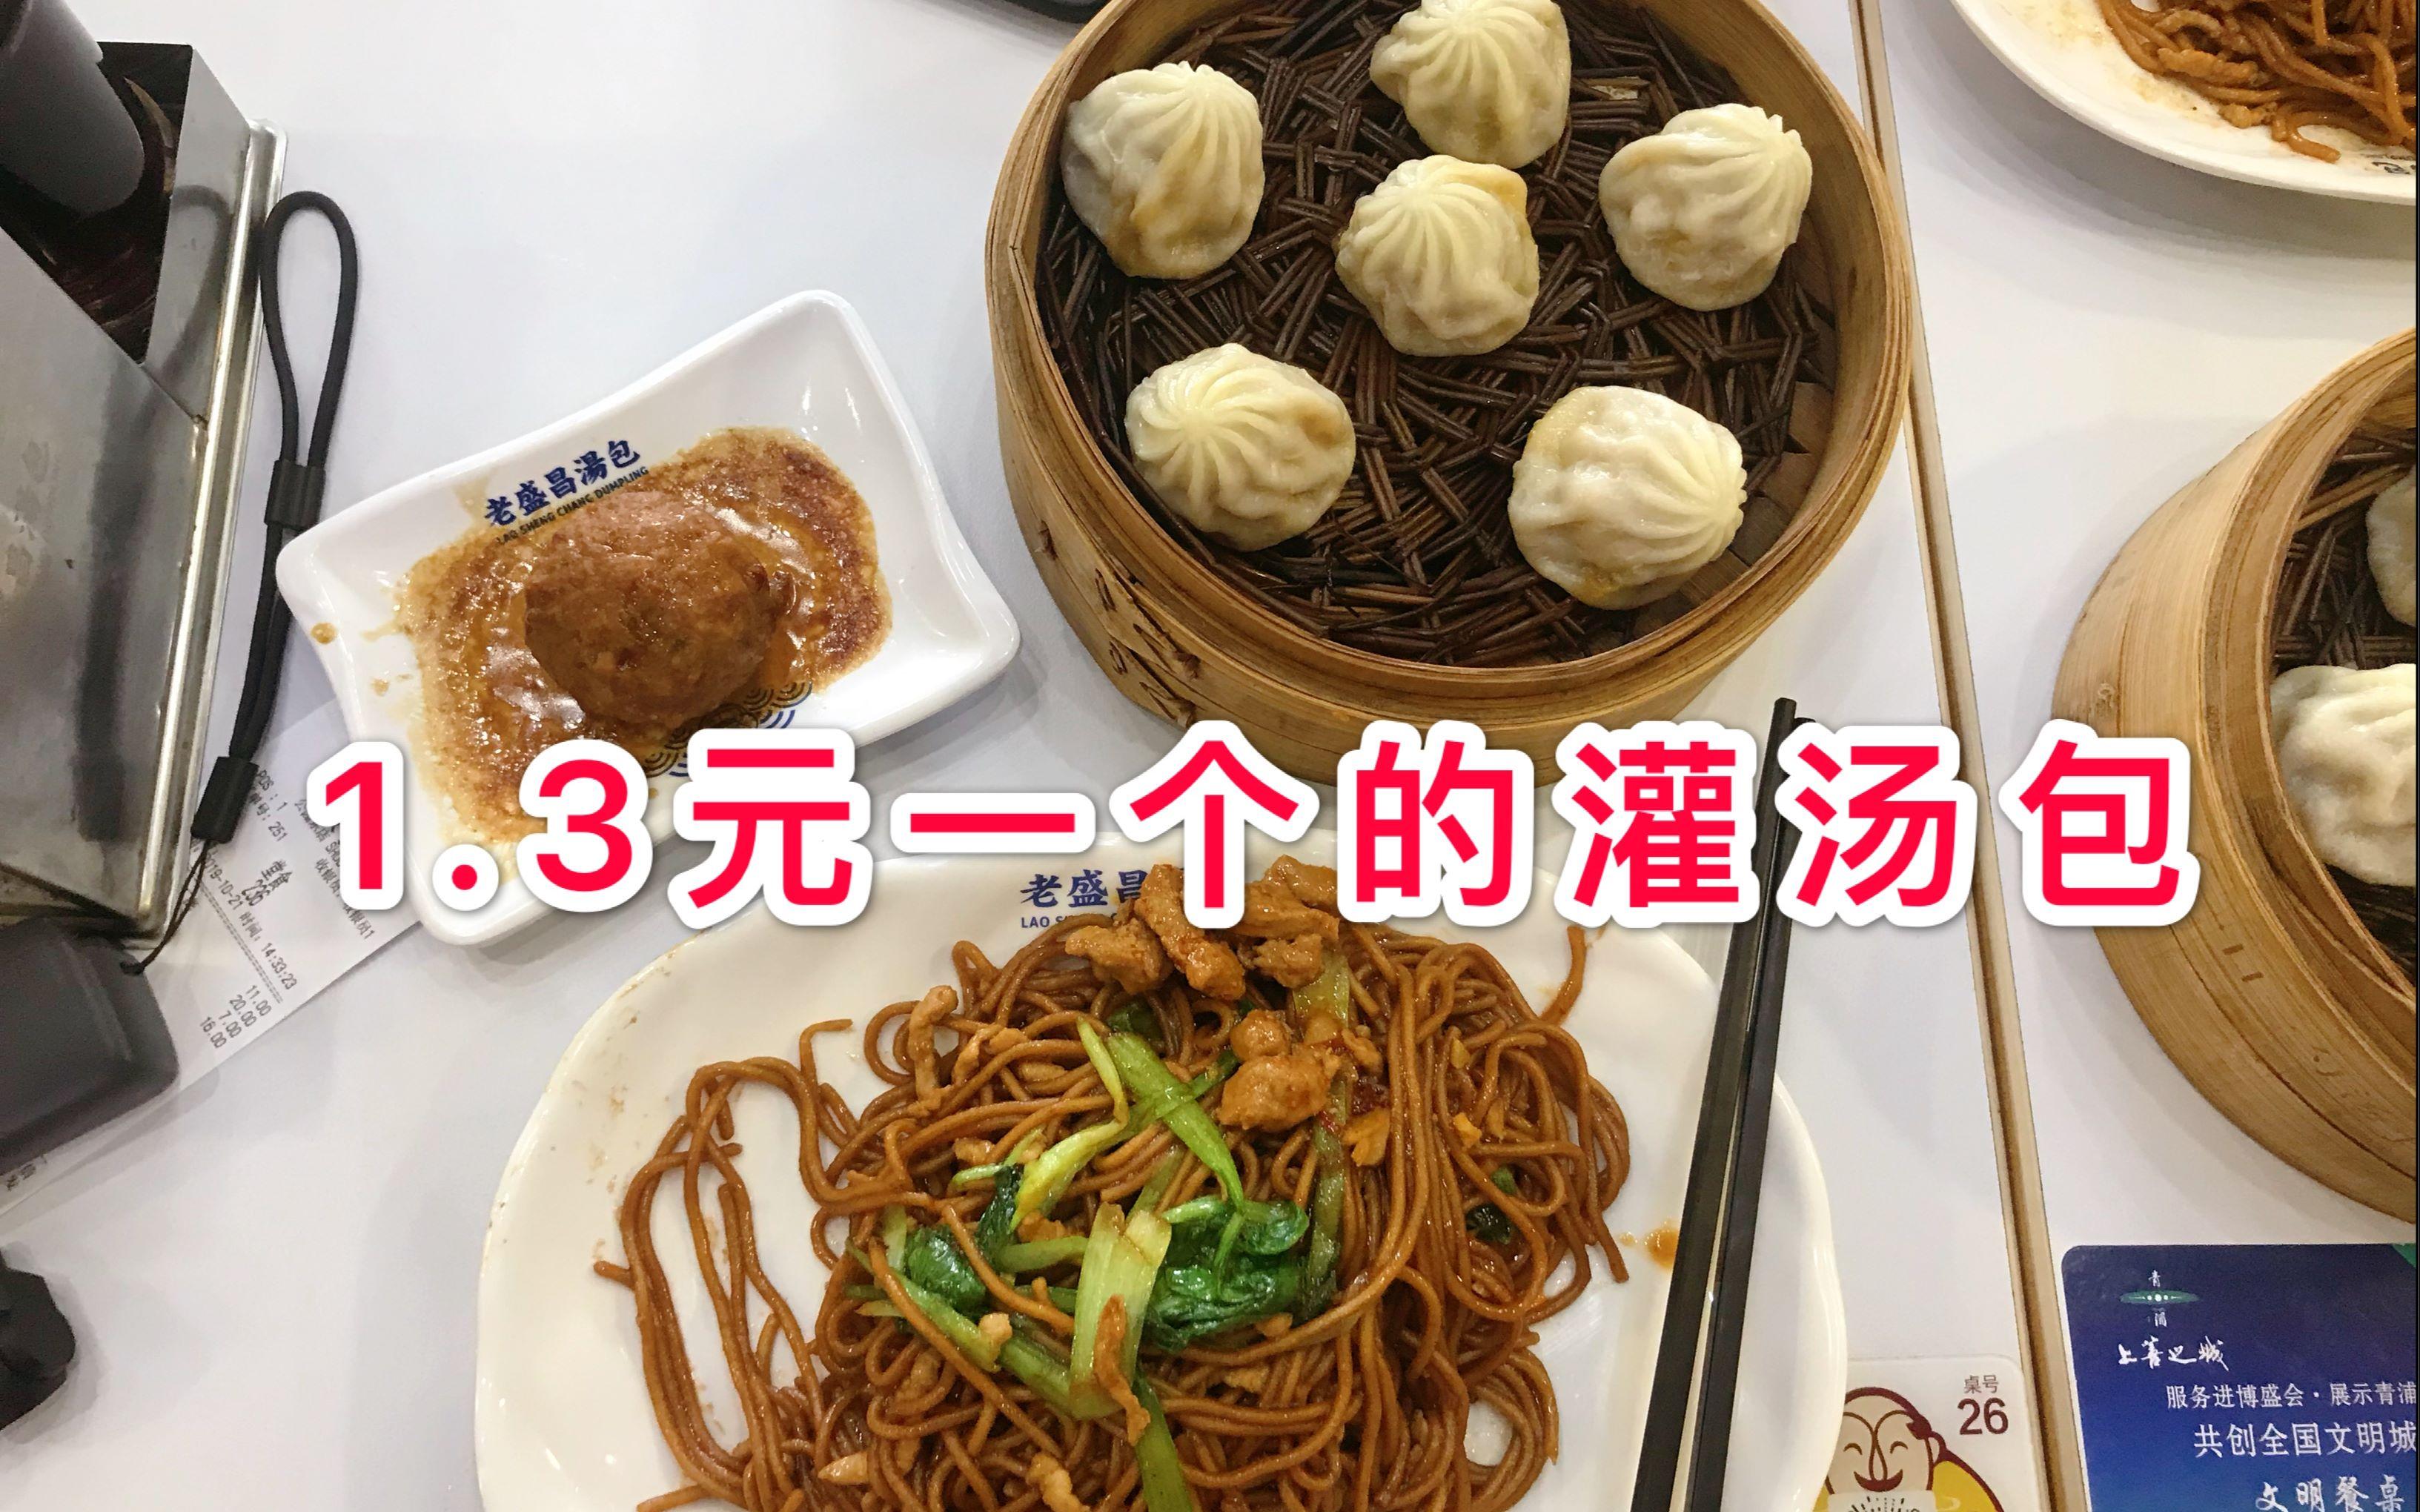 【咩咩】1.3元一个的灌汤包?10元的肉丝炒面!/老盛昌汤包/上海美食